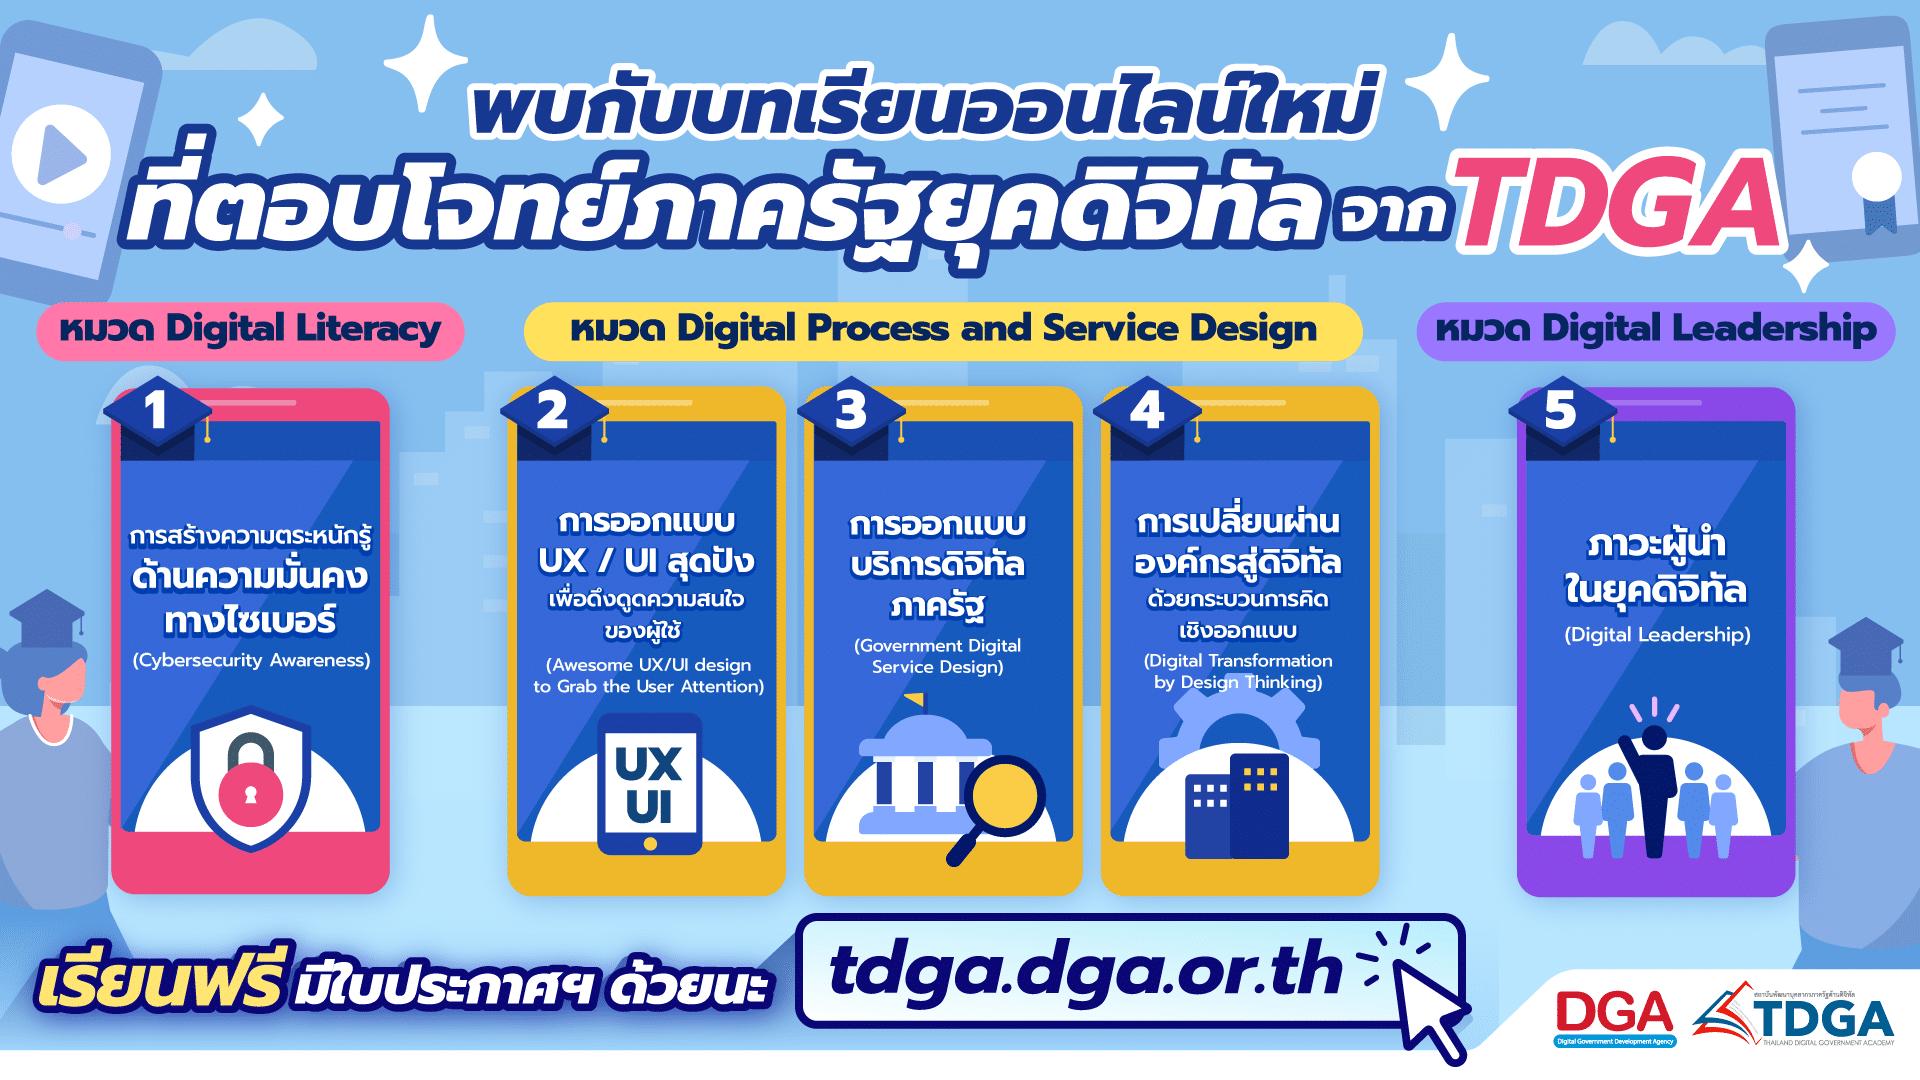 TDGA เปิด 5 บทเรียนออนไลน์ใหม่ สำหรับบุคลากรภาครัฐ!!! เรียนฟรี ได้ใบประกาศนียบัตร